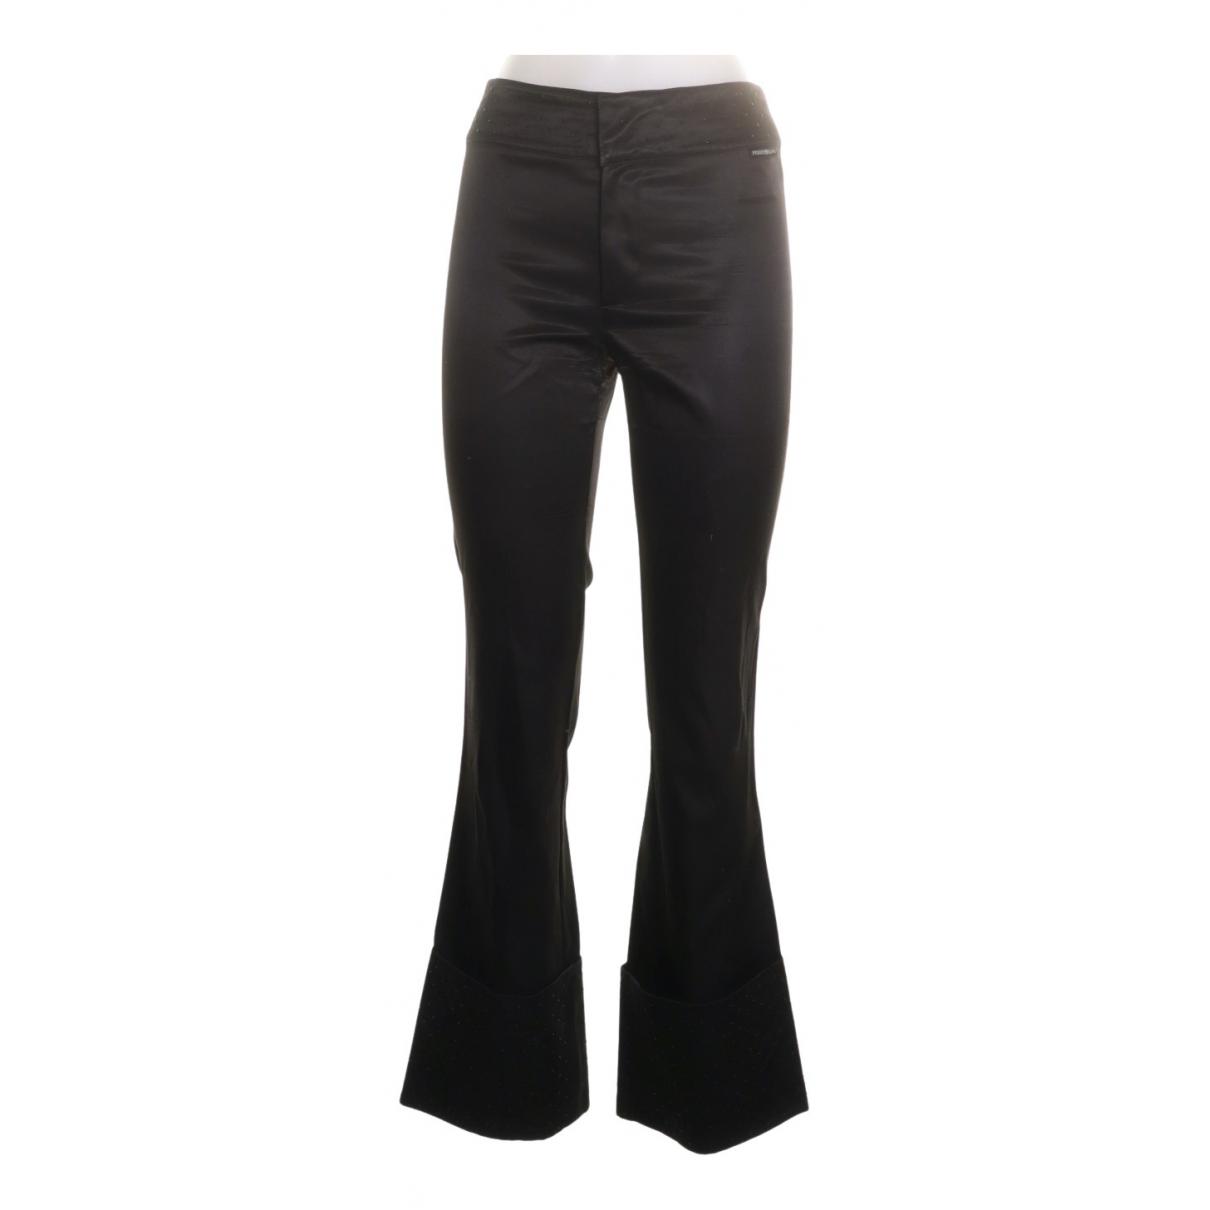 Gianfranco Ferré \N Black Trousers for Women 40 IT